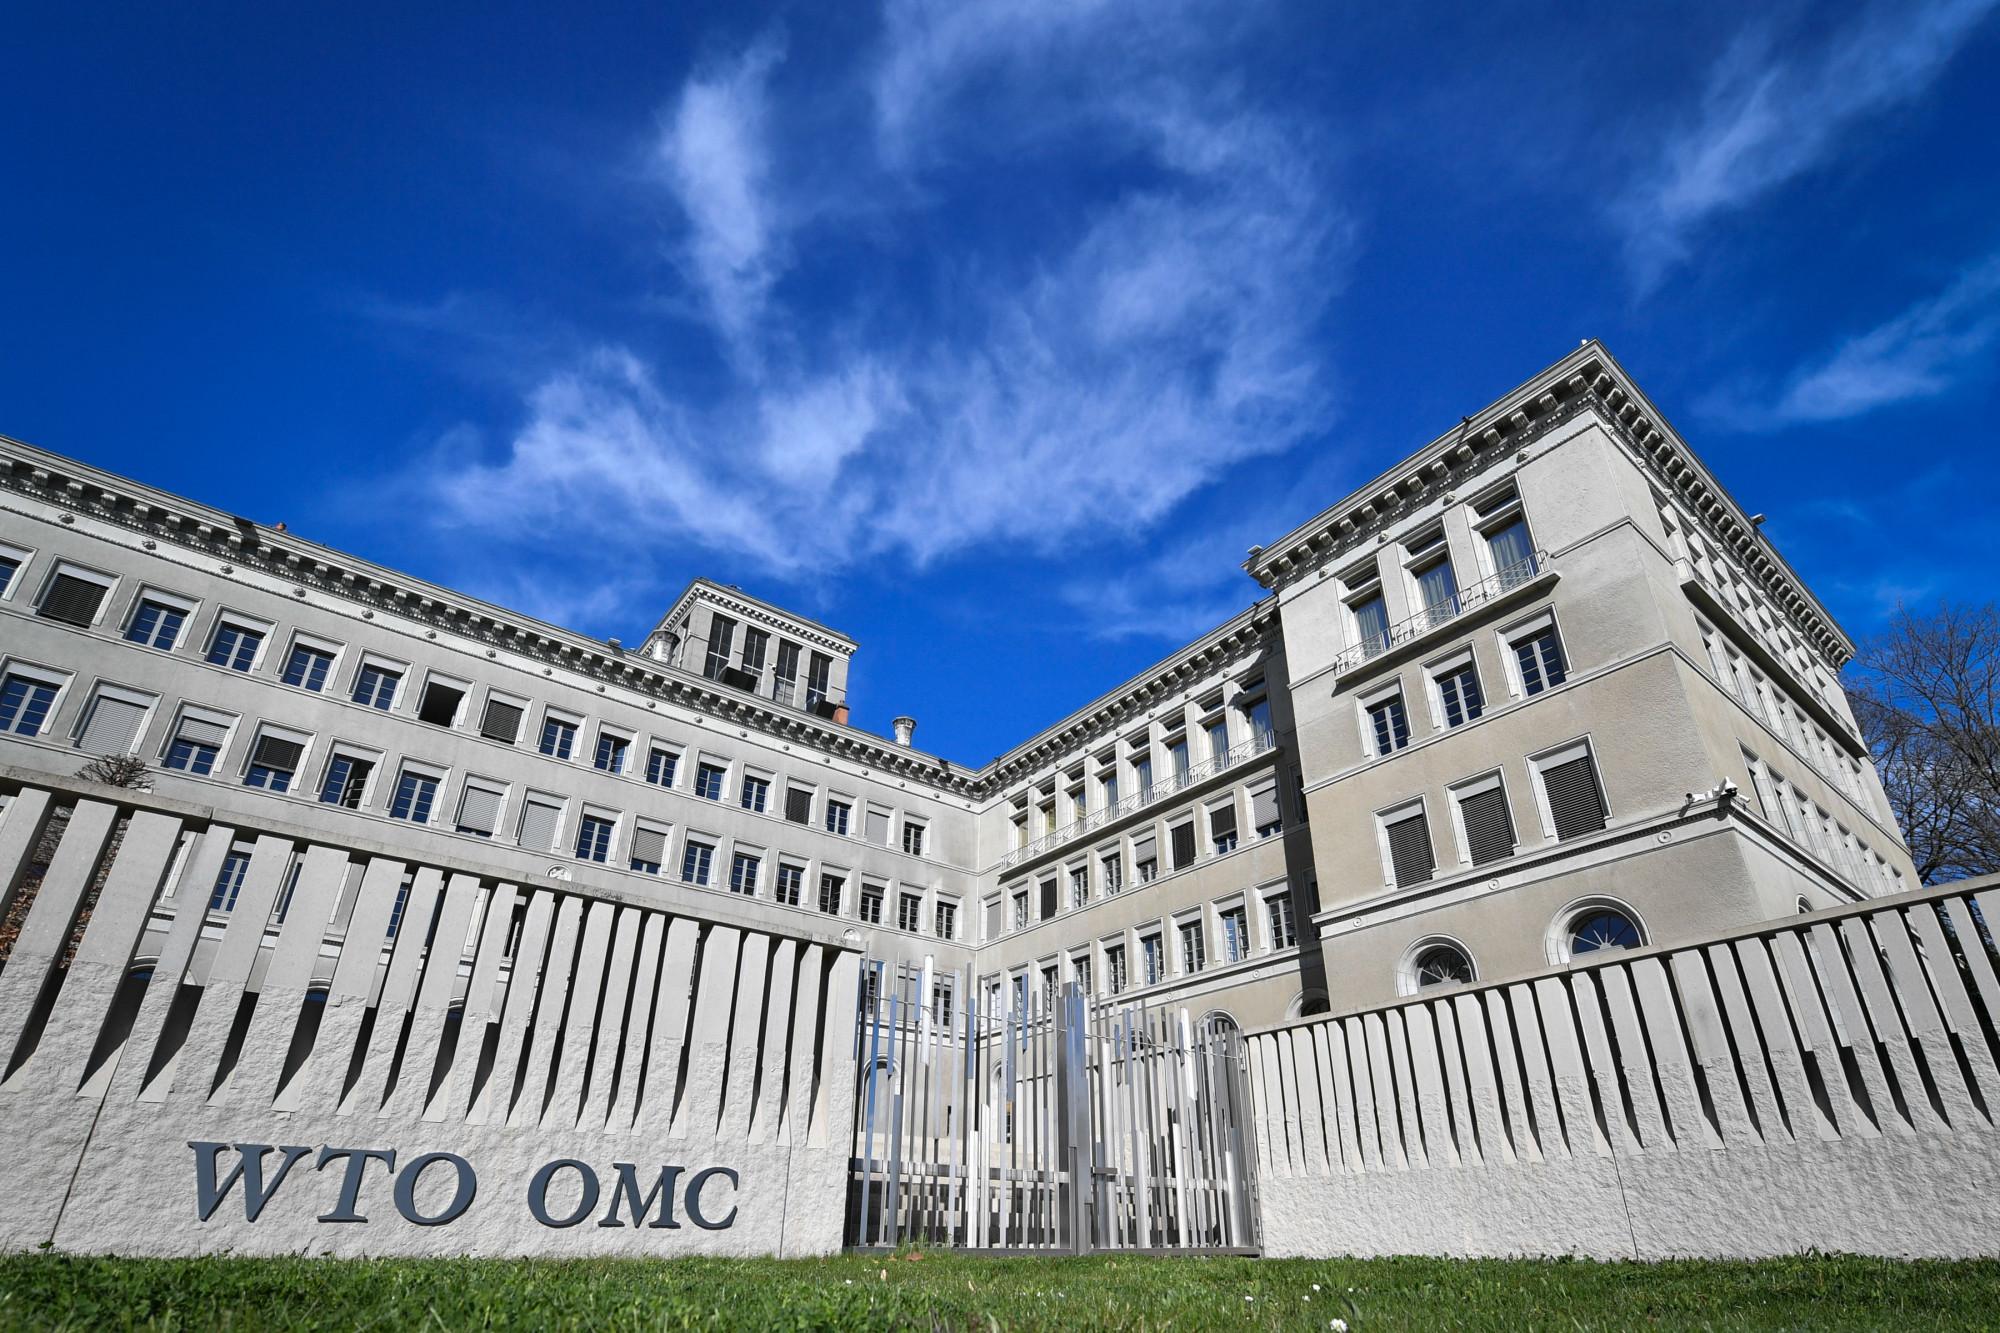 A sede da Organização Mundial do Comércio (OMC), em Genebra, em 12 de abril de 2018 (Fabrice Coffrini / AFP / Getty Images)